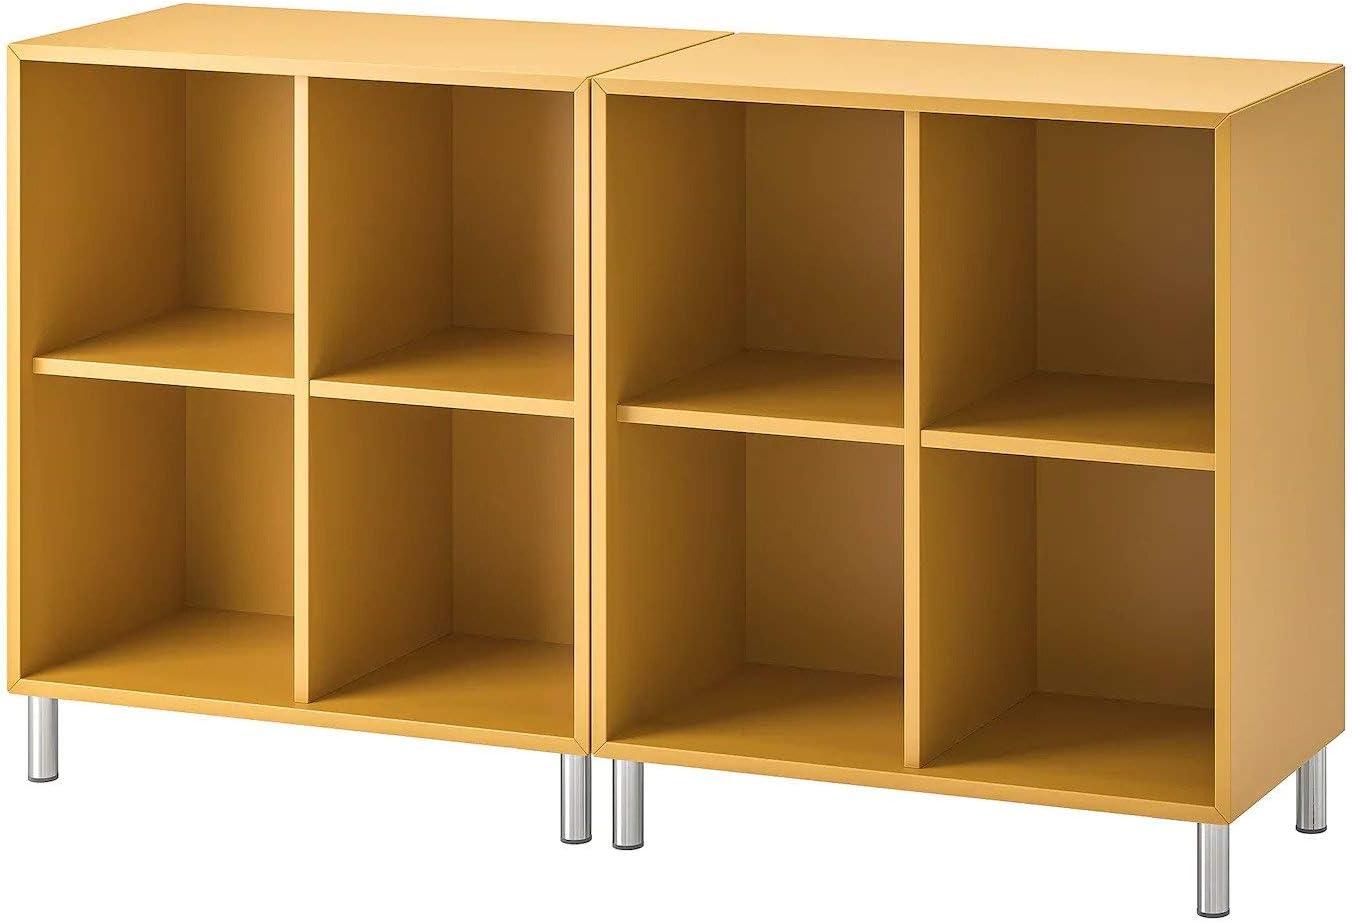 IK IKEA EKET Librería, Mueble salón con Patas, Ocre marrón ...